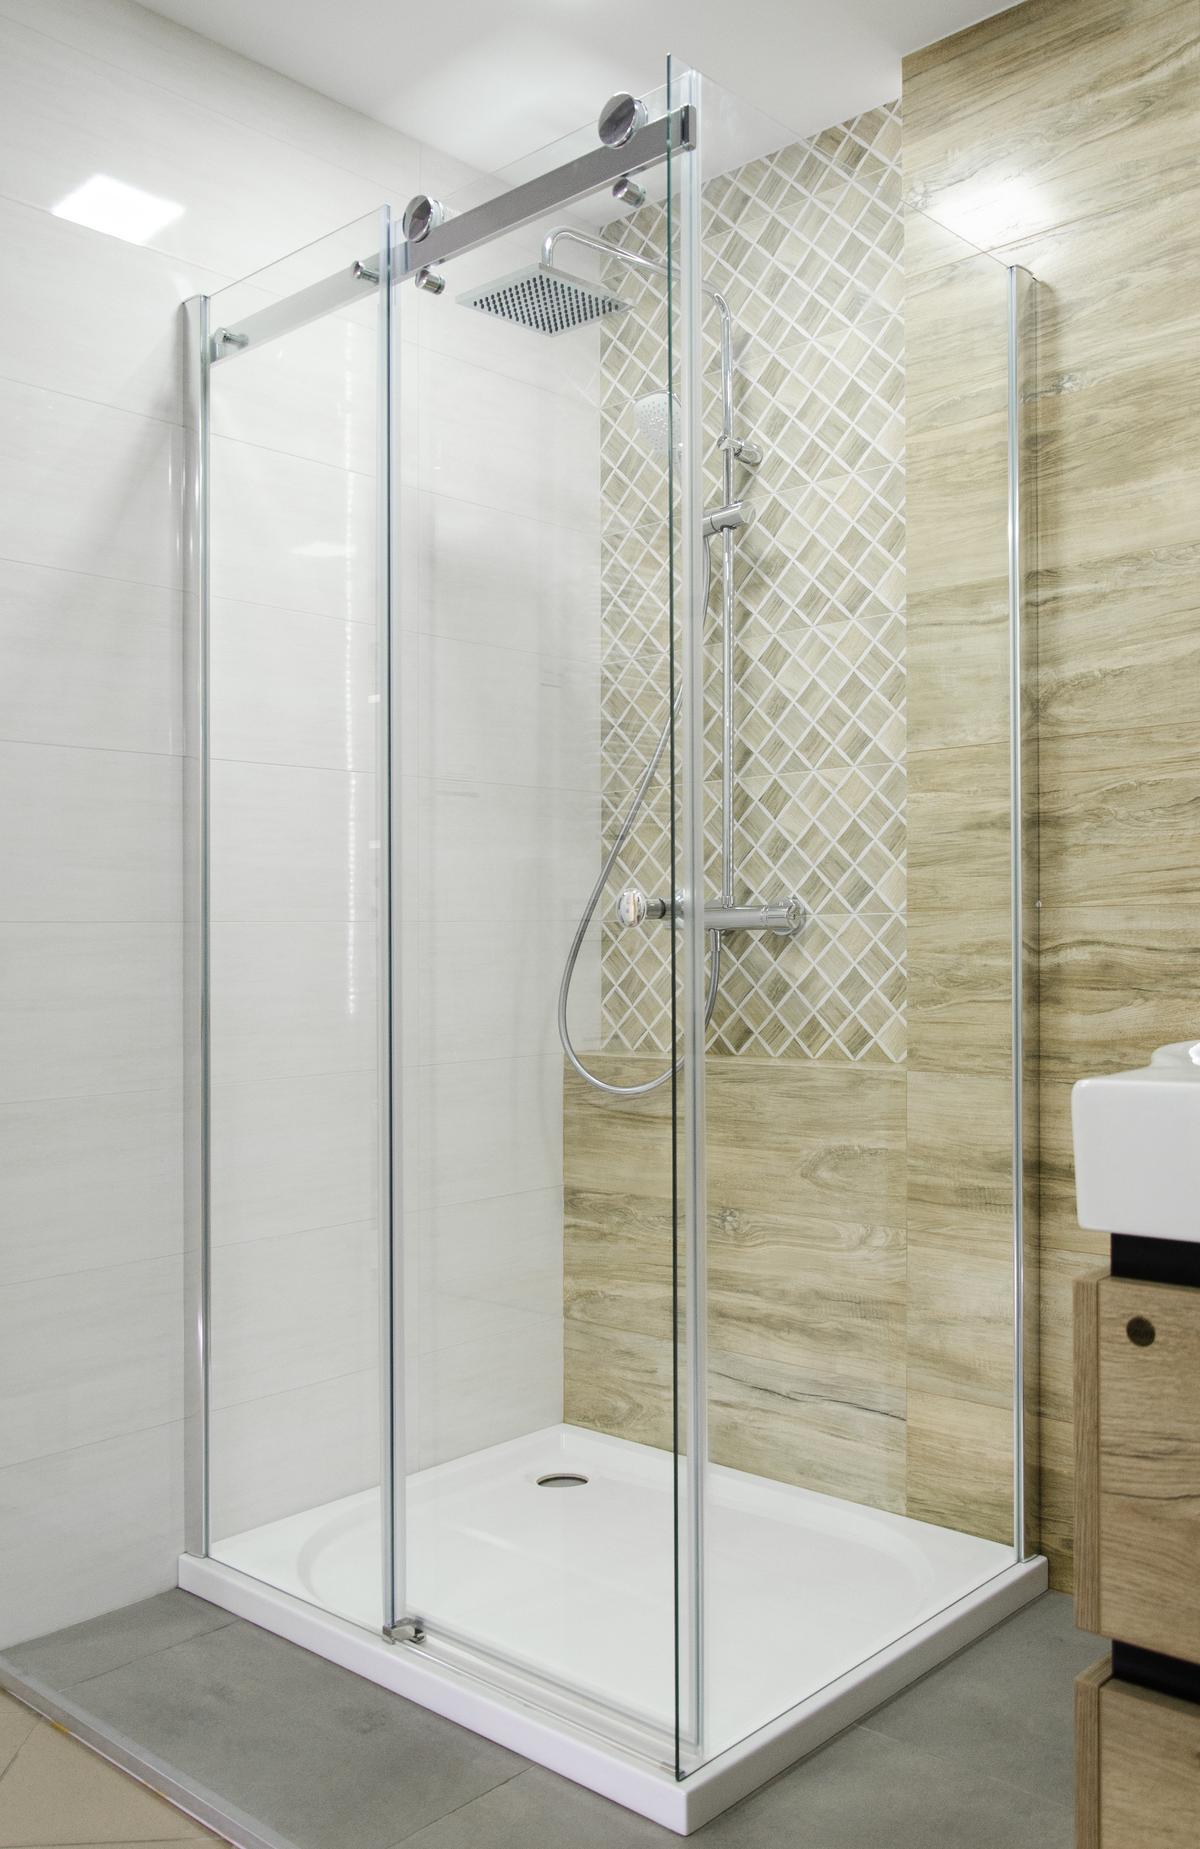 Łazienka w drewnie z mozaiką drewnopodobną i kabiną prysznicową  - zdjęcie od BLU salon łazienek Pułtusk